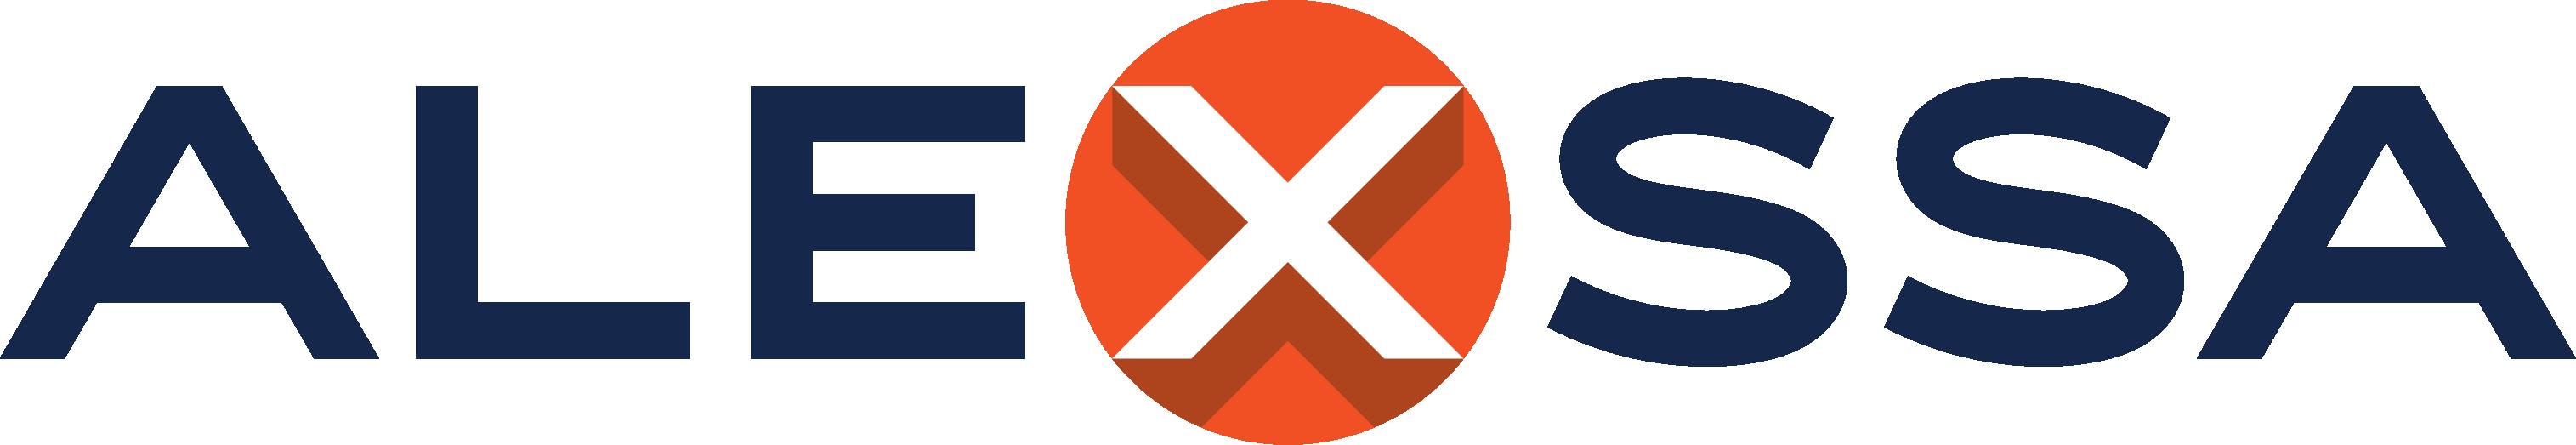 Alexssa Enterprises, Ltd.